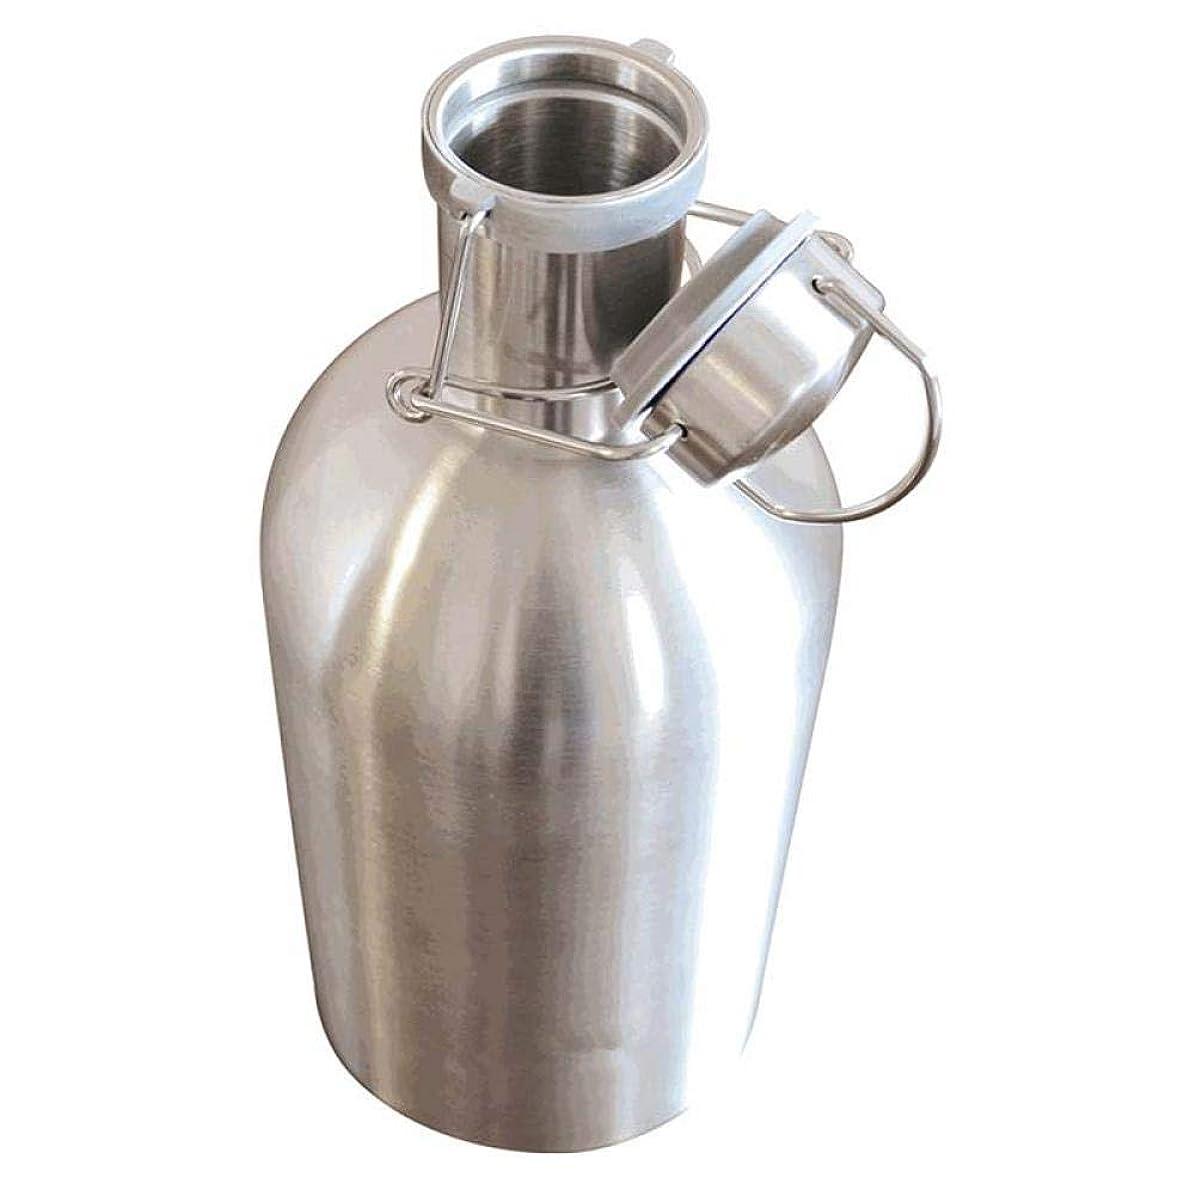 改革震える西1L / 1.5L / 2L健康的なビール樽ステンレススチールワインボトルクーラーダブルウォールドリンクチラー新しい創造的なワインジャグ